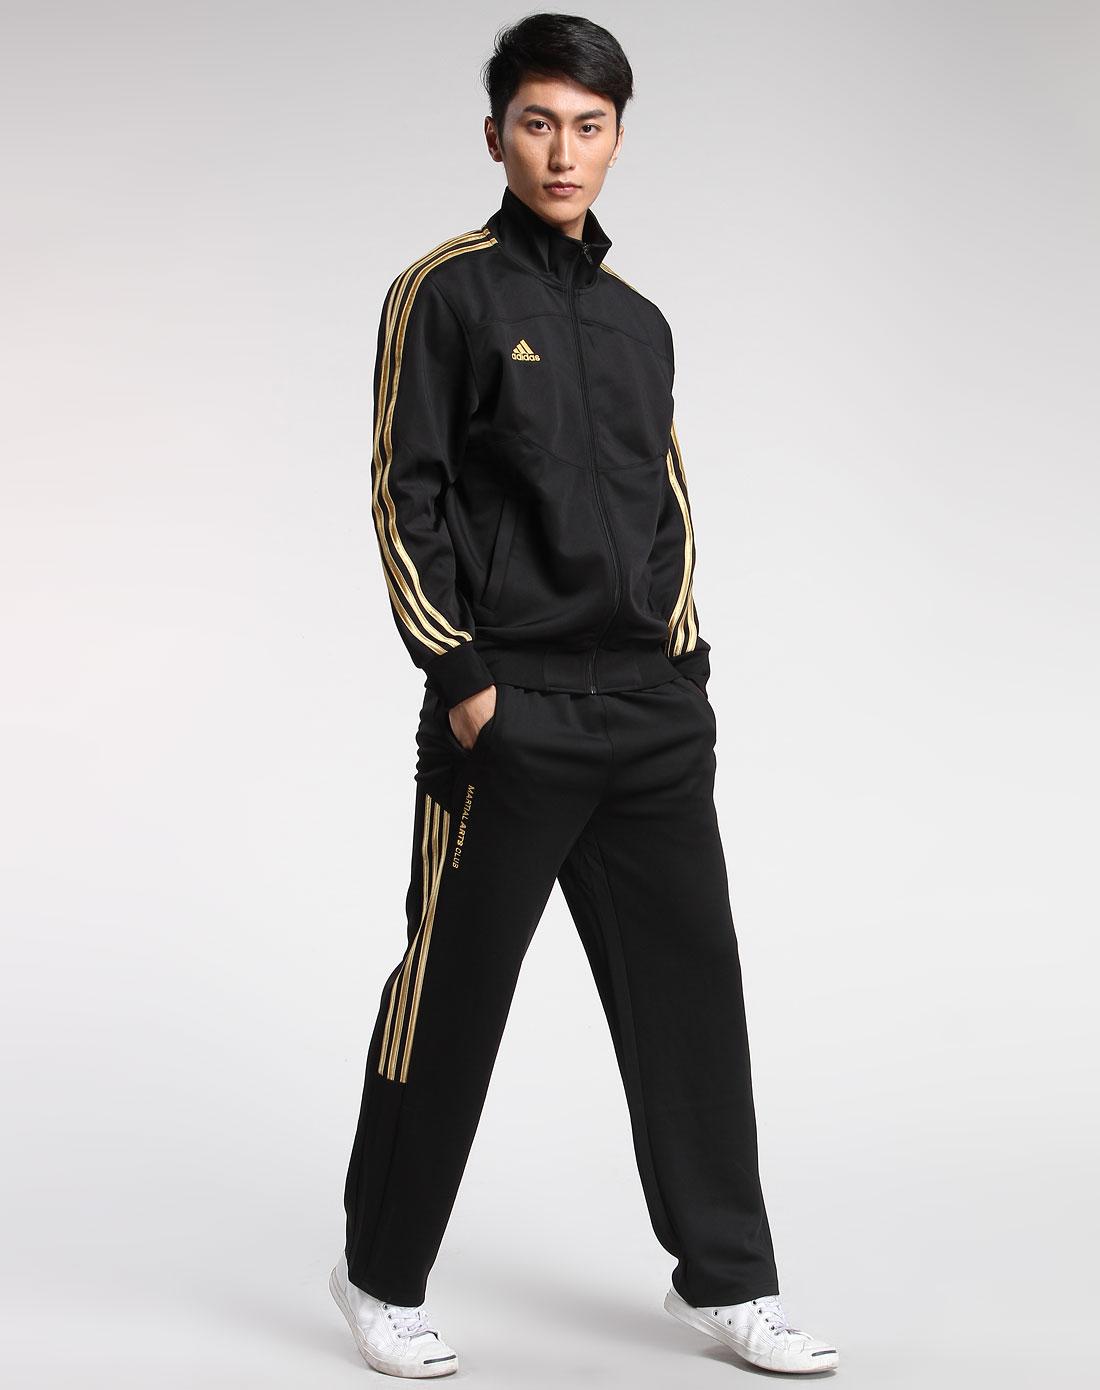 男款黑/金色时尚长袖弹性运动服图片